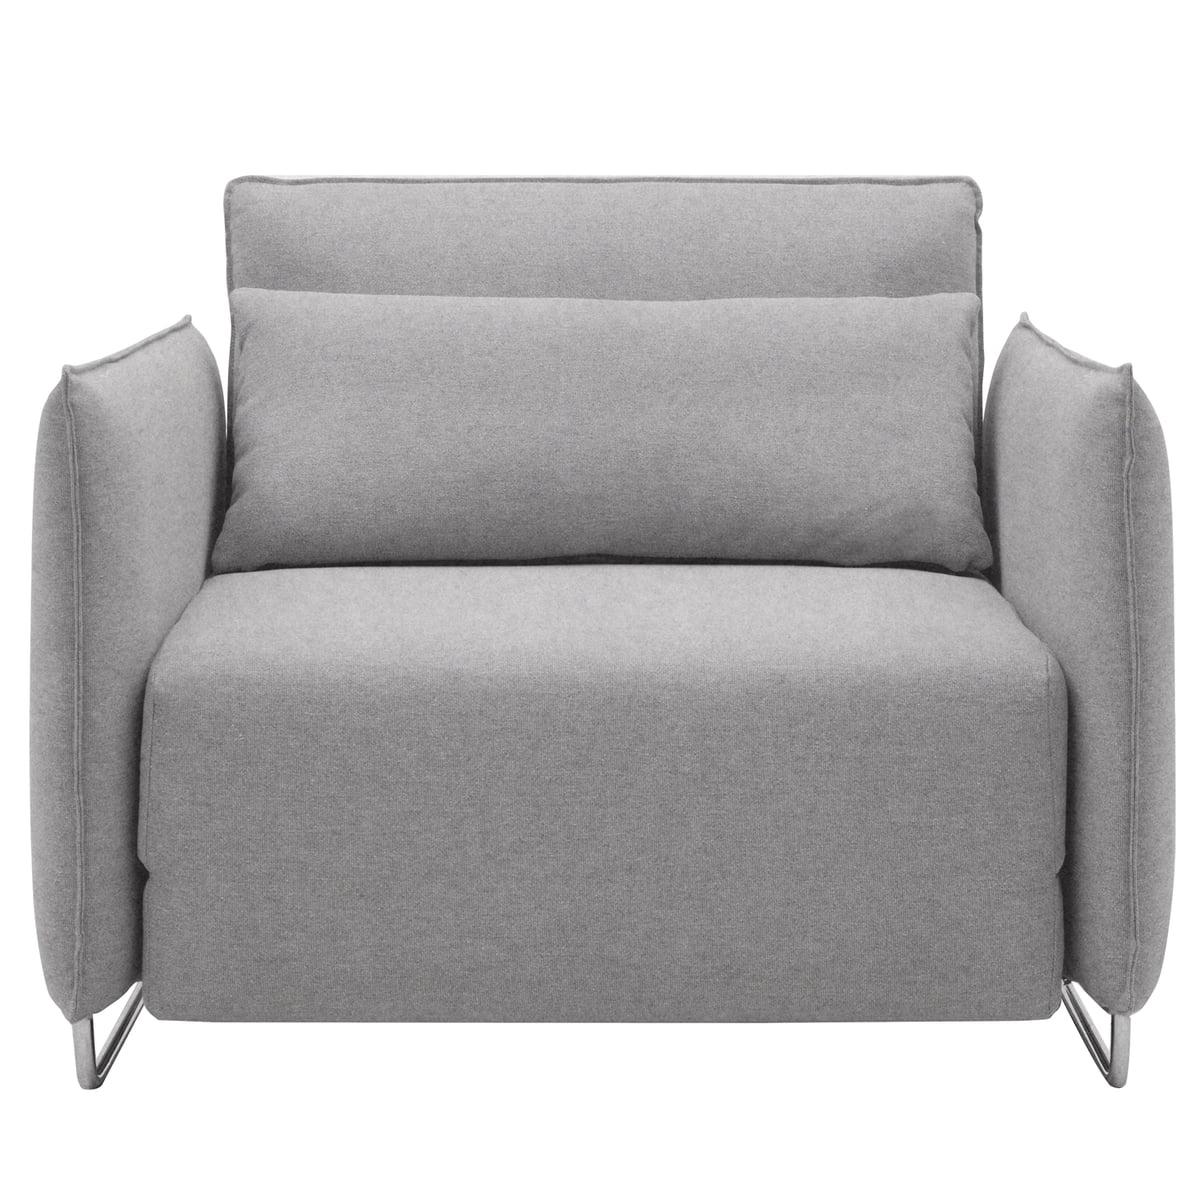 cord bed lounger softline shop. Black Bedroom Furniture Sets. Home Design Ideas